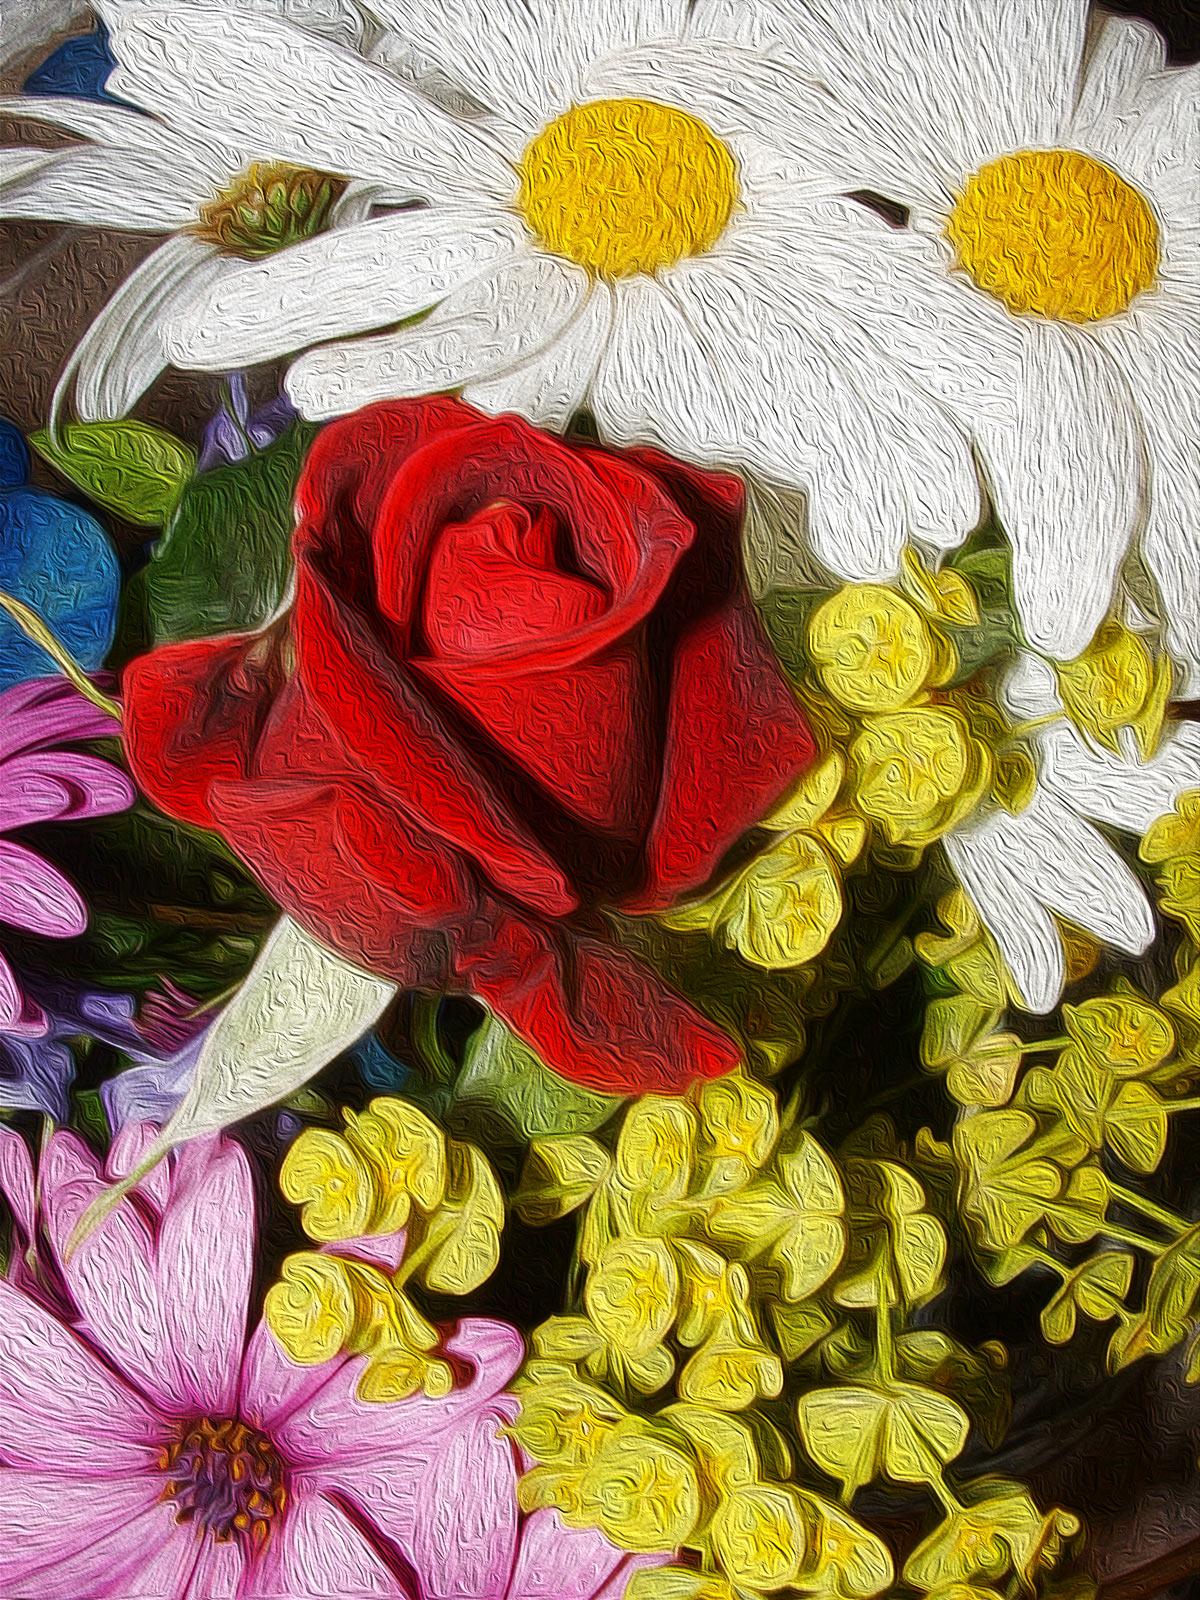 Ilustración gratis - Ilustración con varias flores de alegres colores